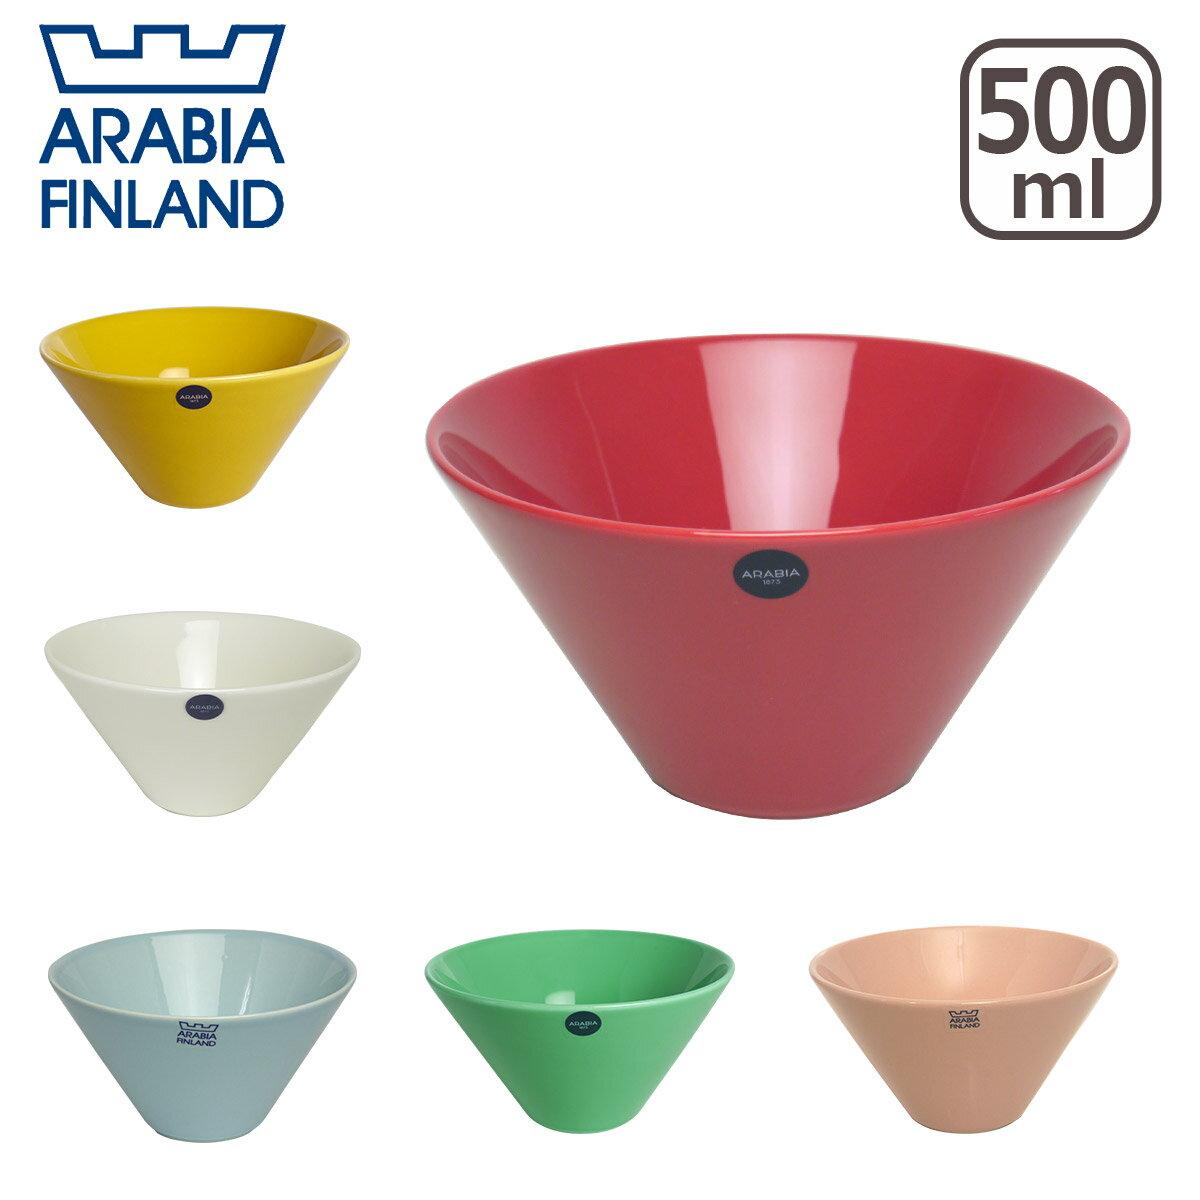 アラビア(Arabia) ココ(koko) ボウル 500ml 選べるカラー 北欧 食器 ギフト・のし可 GF3